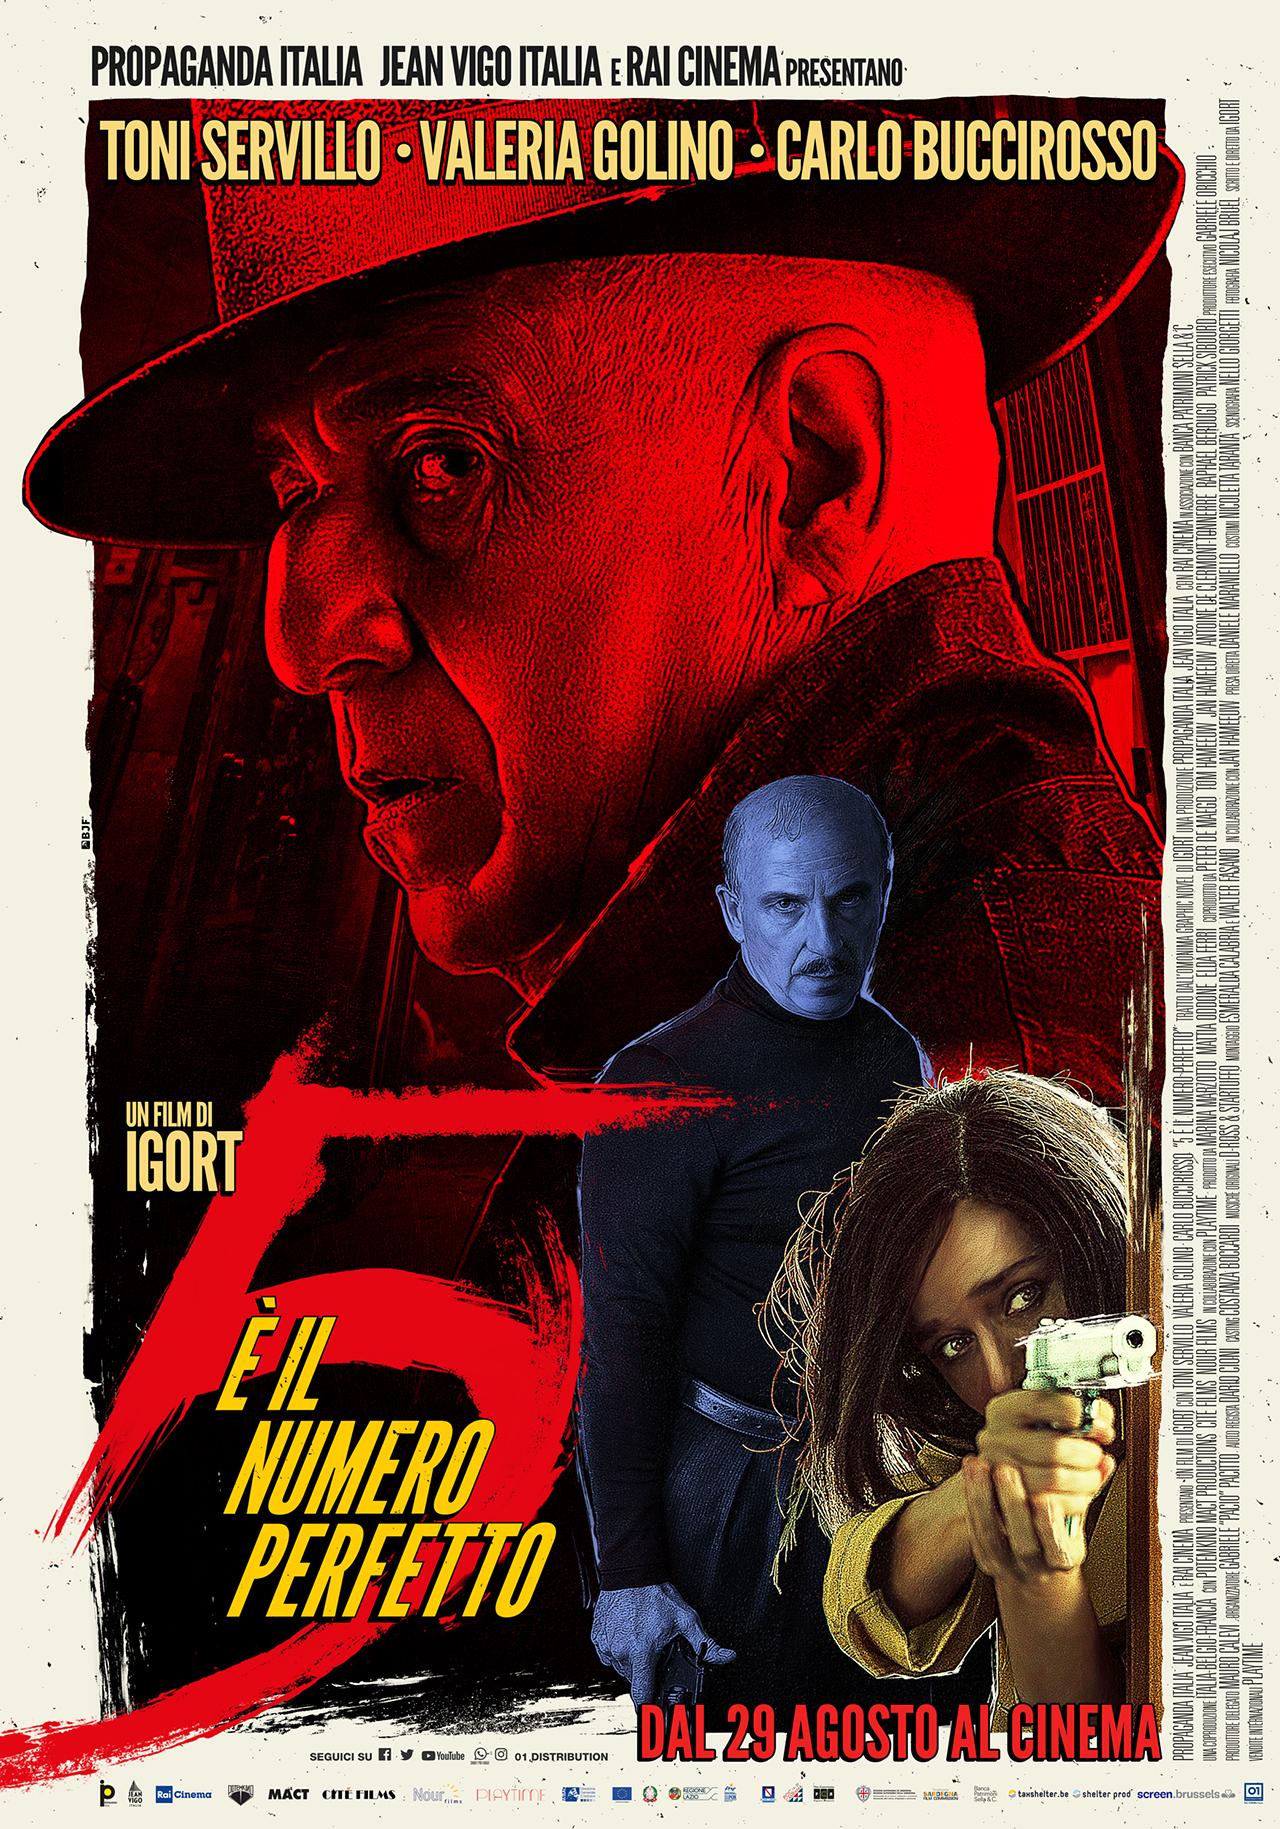 -  Dall'articolo: 5 è il numero perfetto, il poster ufficiale del film.